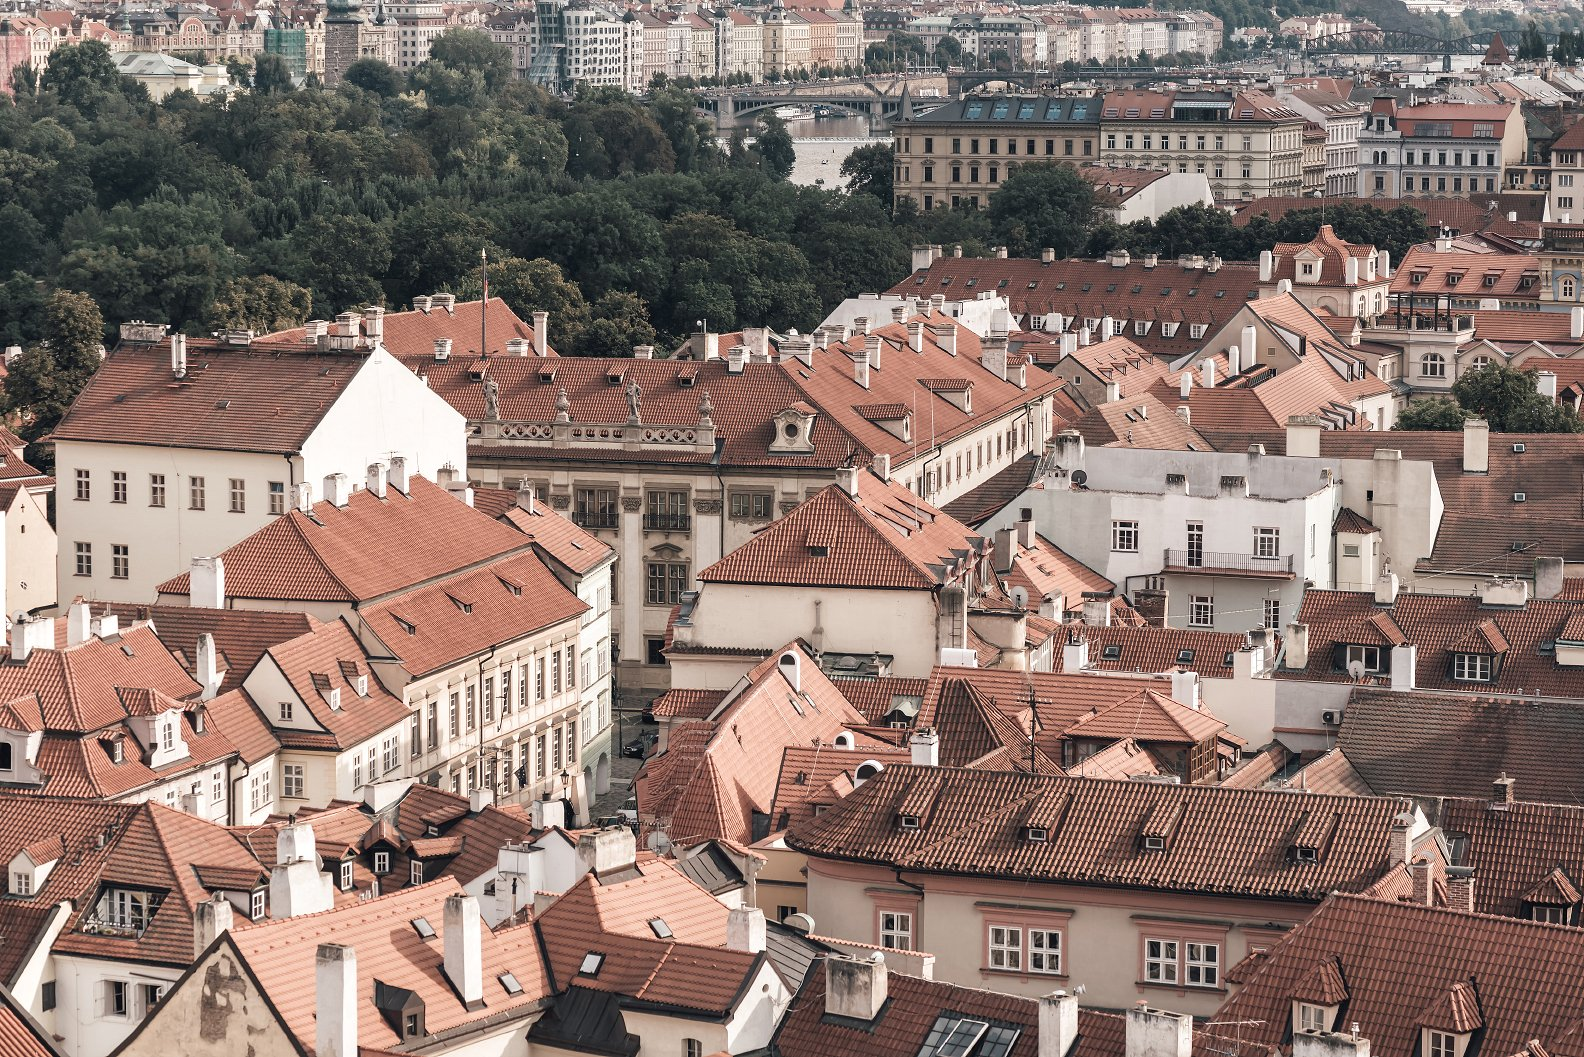 布拉格屋顶和城市景观 Prague Rooftops Cityscape插图(3)